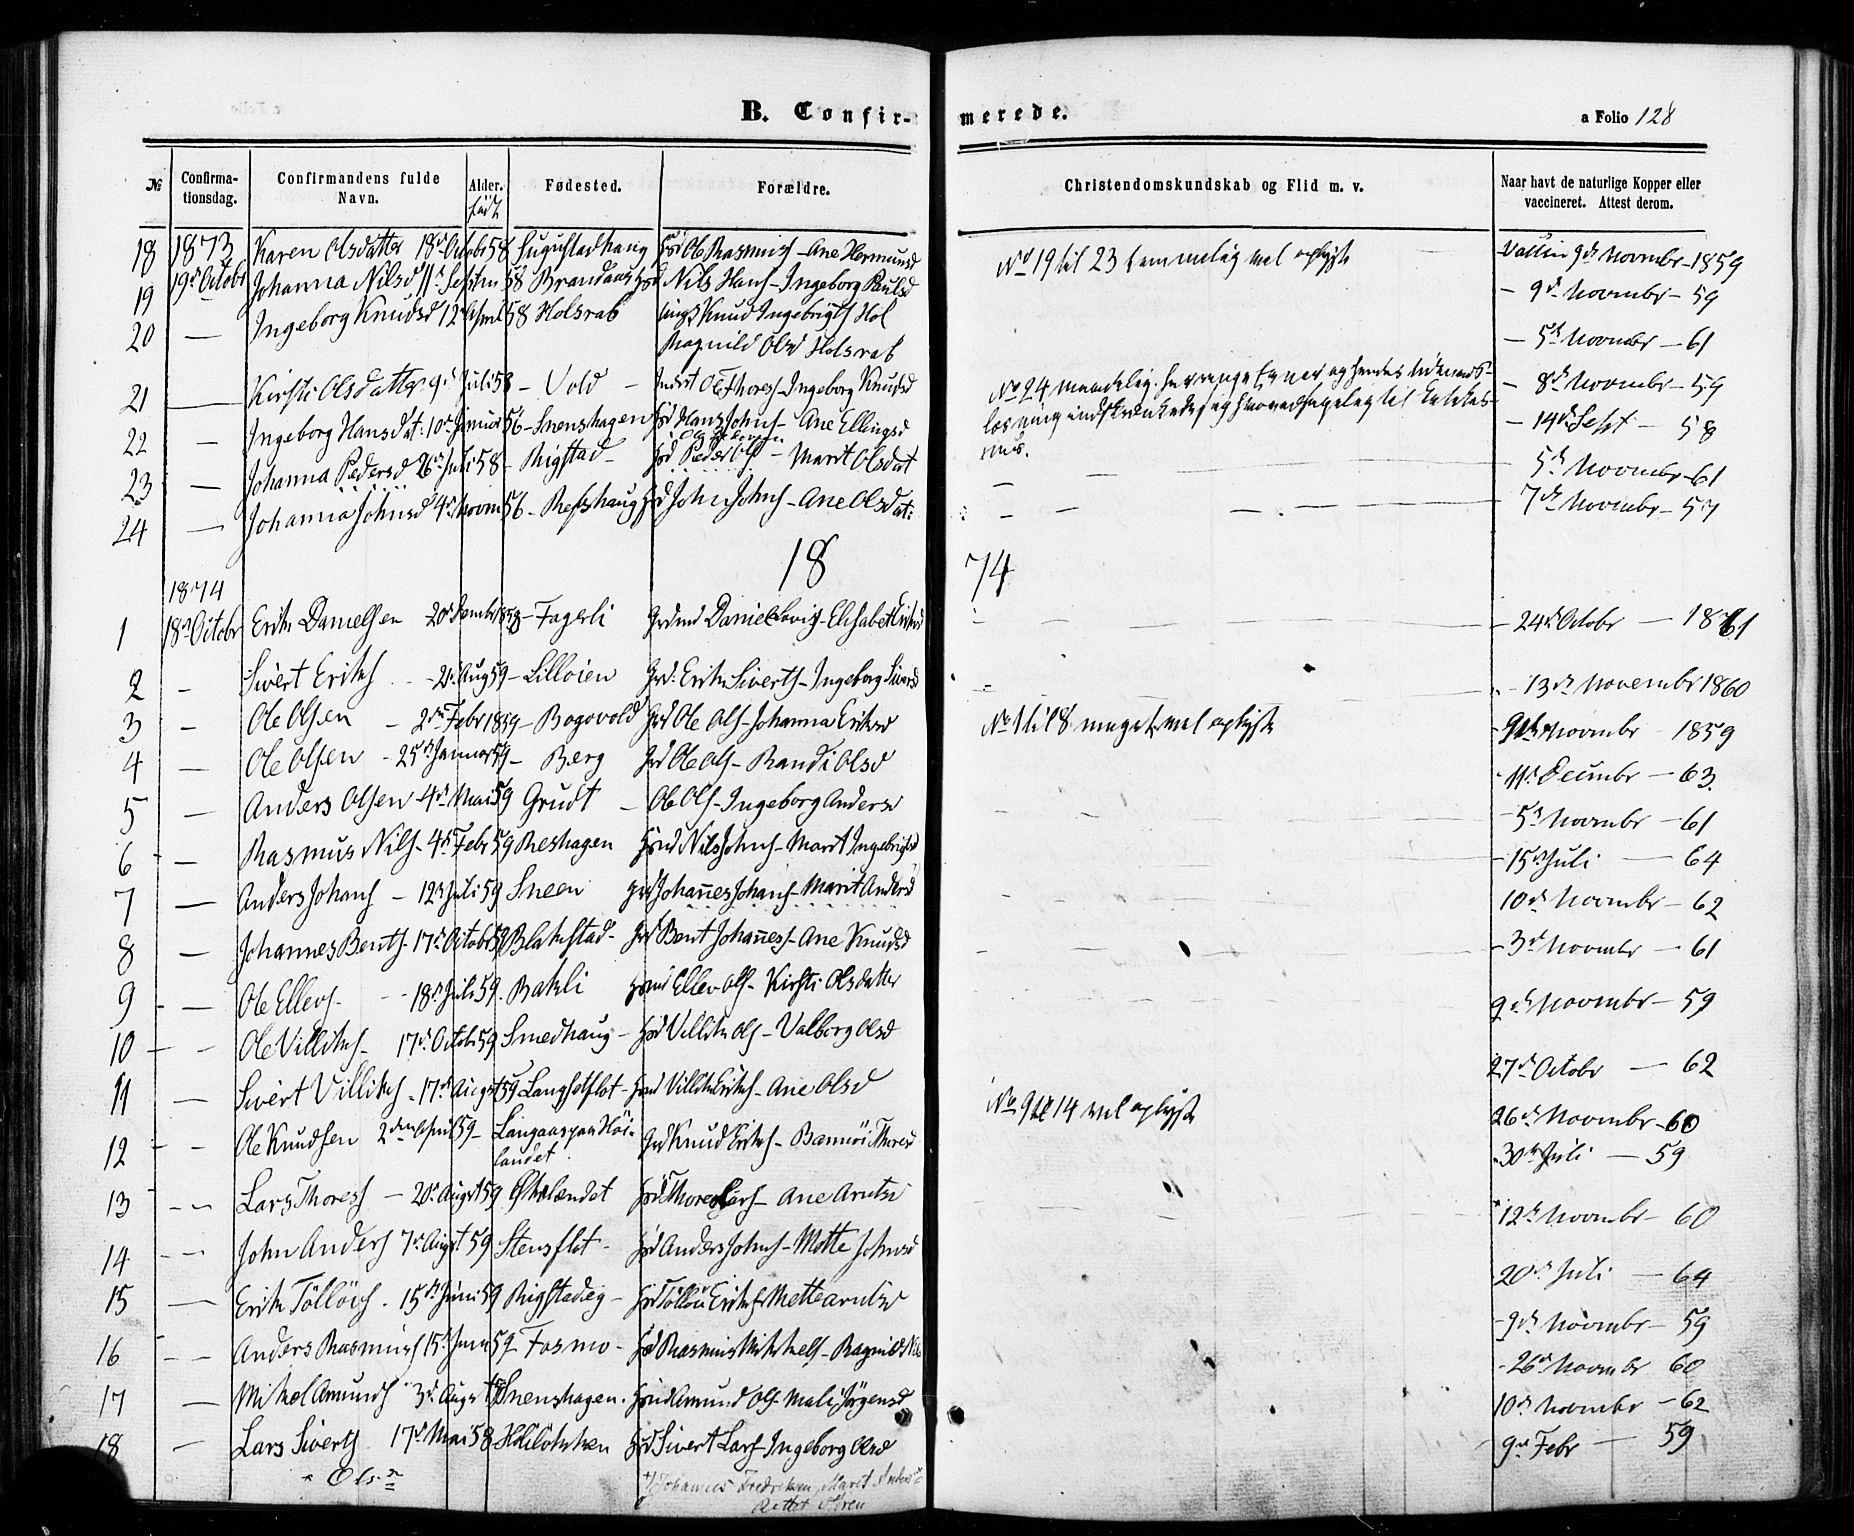 SAT, Ministerialprotokoller, klokkerbøker og fødselsregistre - Sør-Trøndelag, 672/L0856: Ministerialbok nr. 672A08, 1861-1881, s. 128